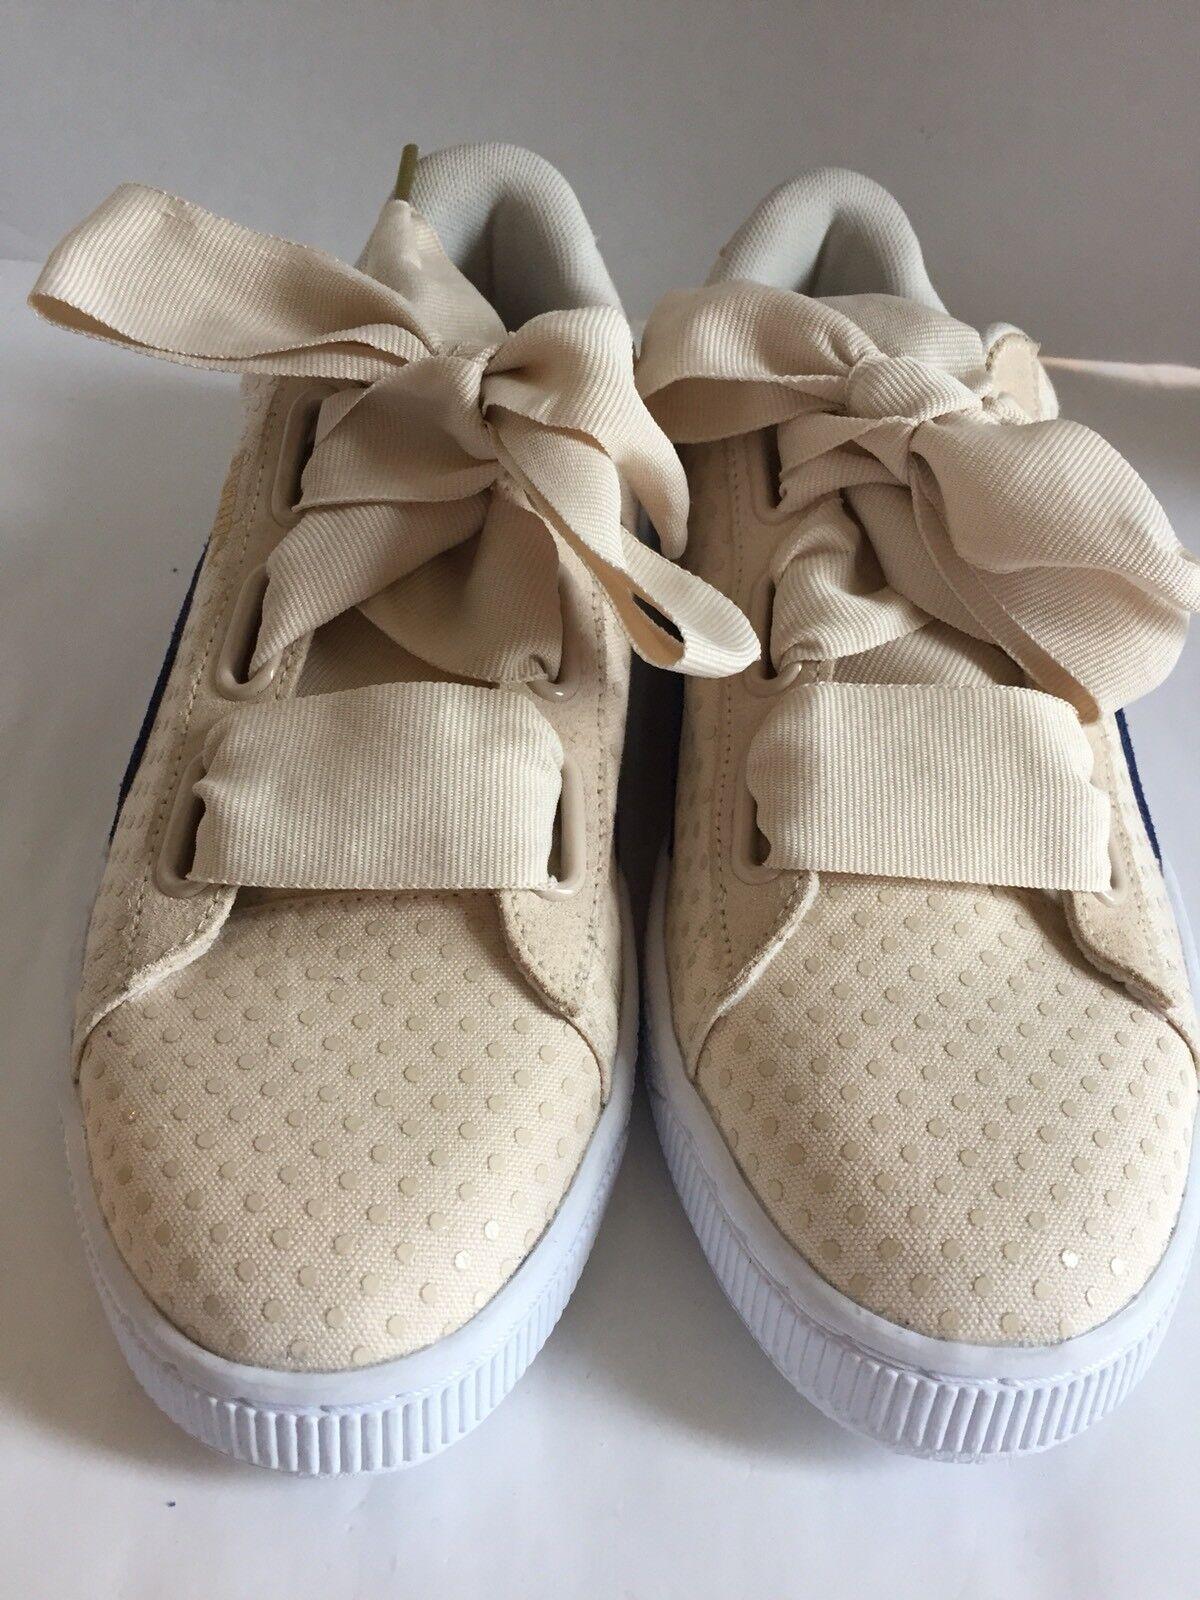 Le scarpe da ginnastica nuove puma moda raso lace a pois blu scamosciato marrone 11 accento